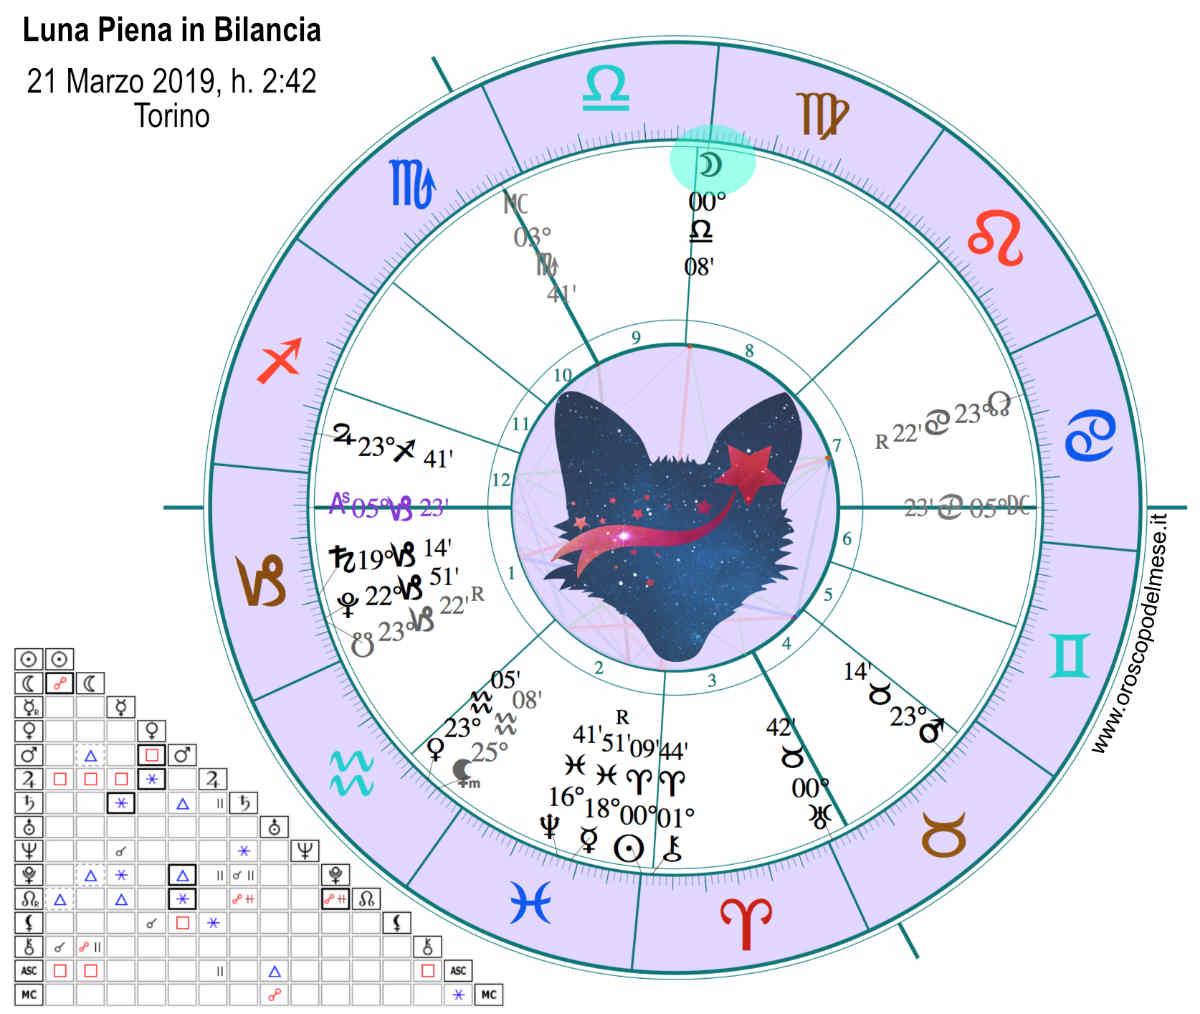 Luna Piena in Bilancia Marzo 2019